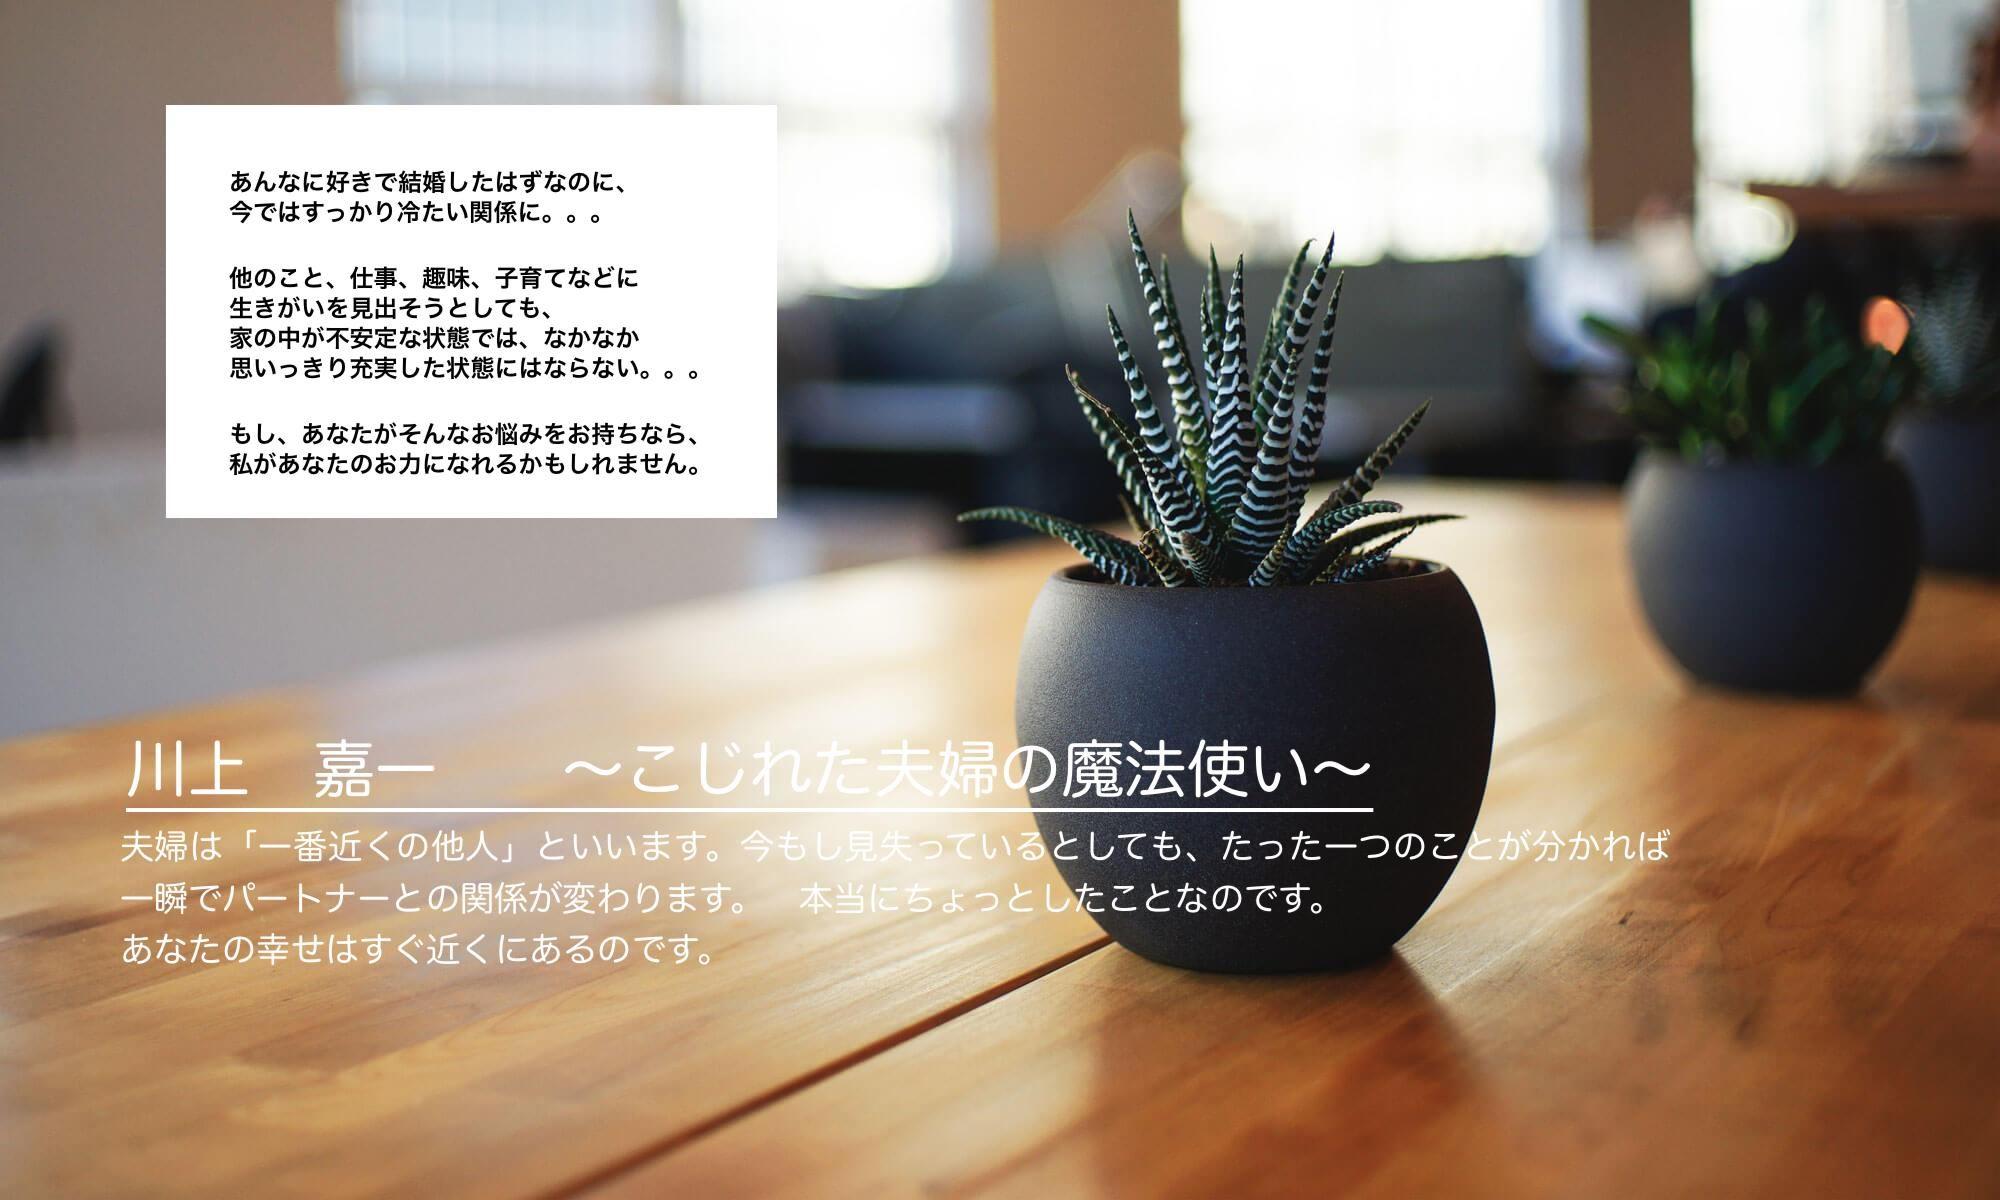 パートナーシップカウンセラー 川上 嘉一 ~こじれた夫婦の魔法使い~